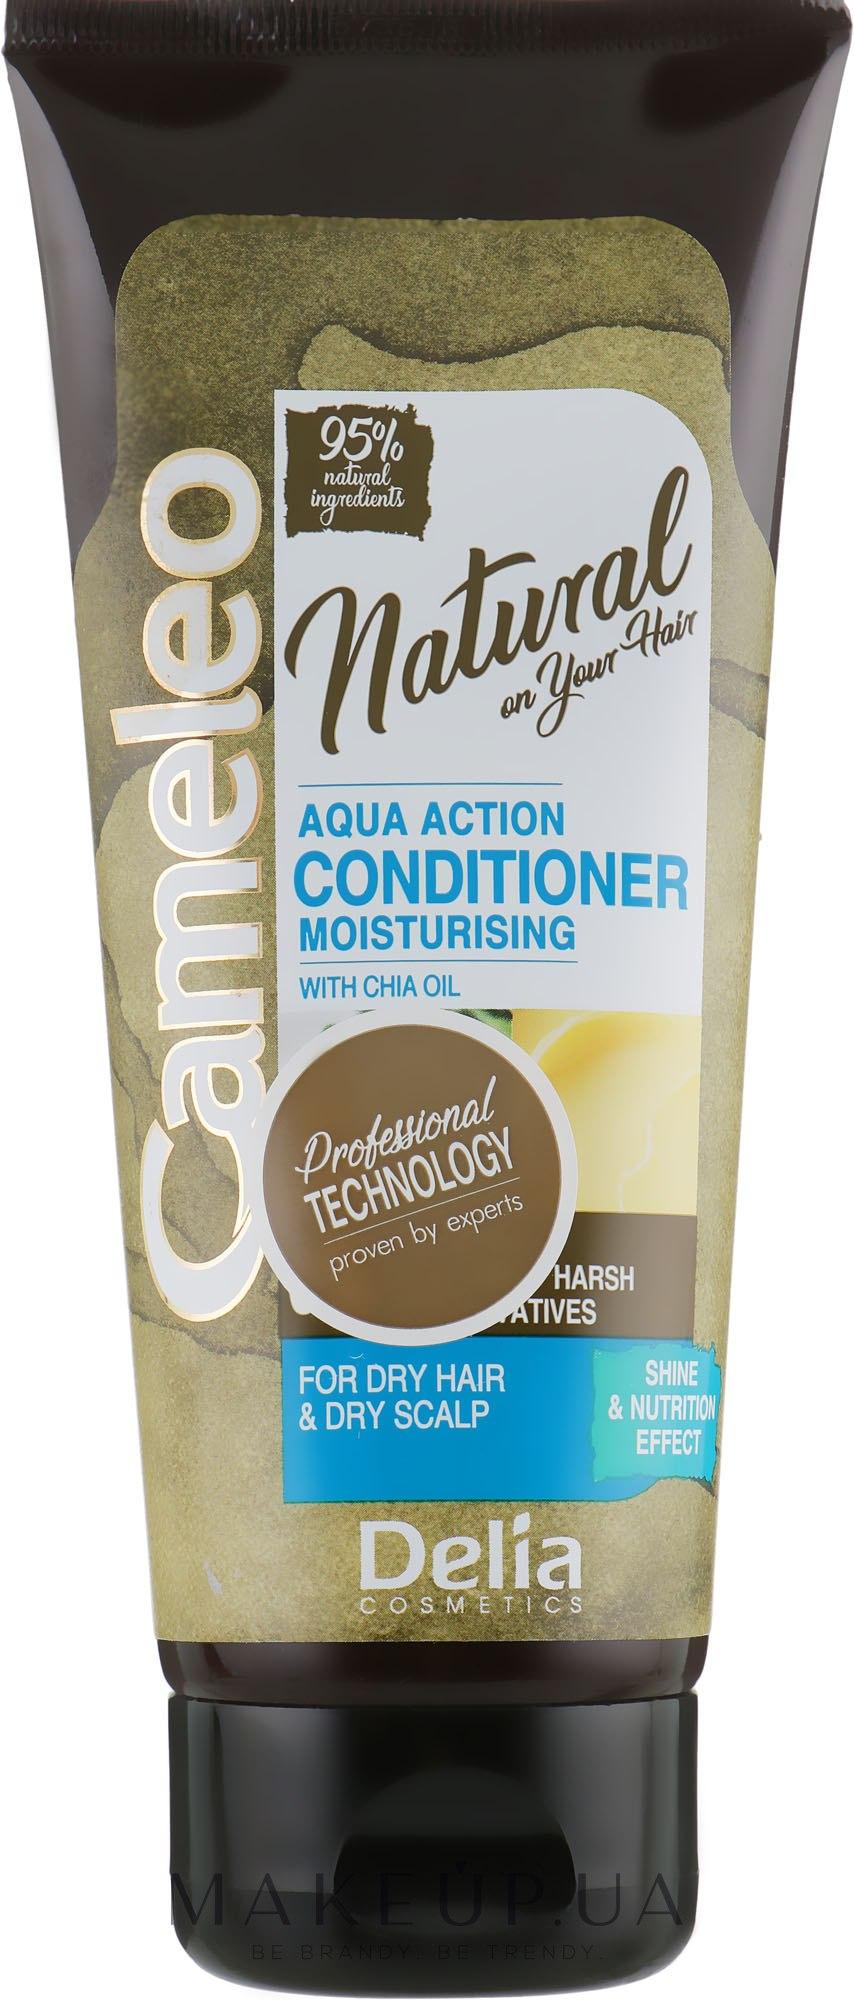 Кондиционер для волос с маслом чиа - Delia Cameleo Natural On Your Hair Aqua Action — фото 200ml